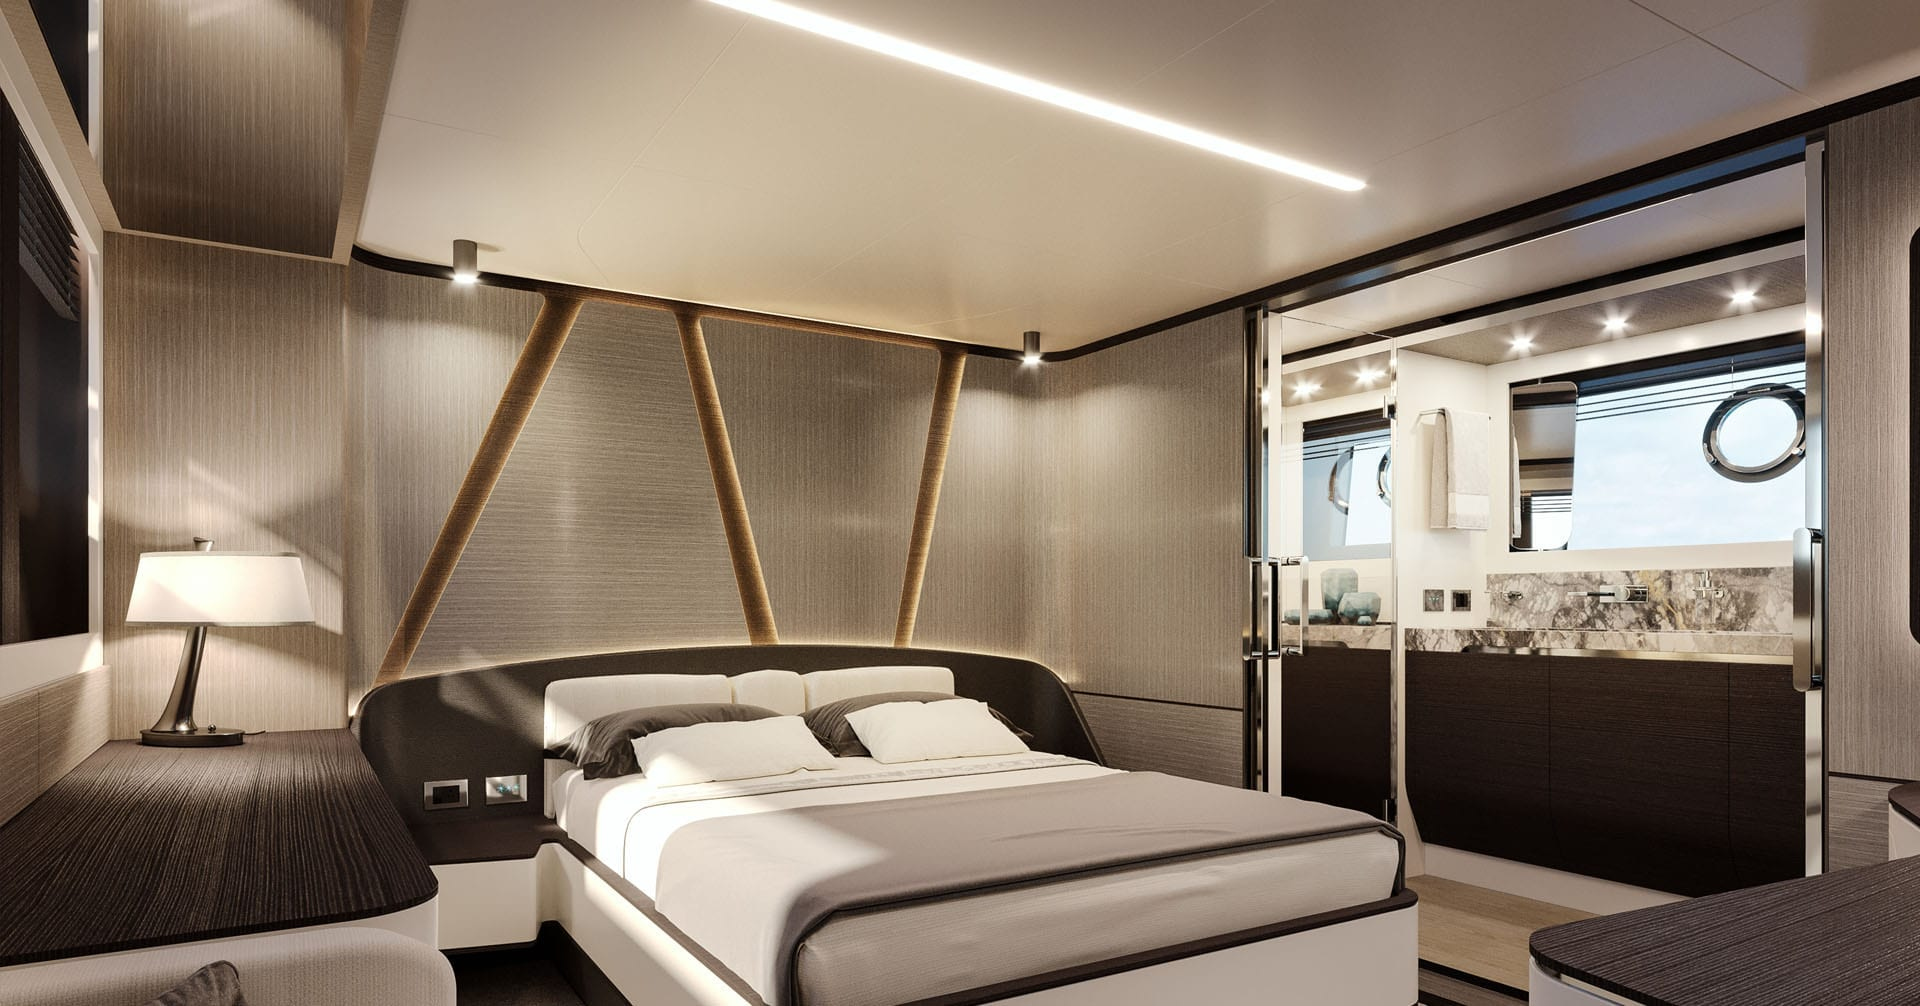 Uniesse-Capri-7-interiors10